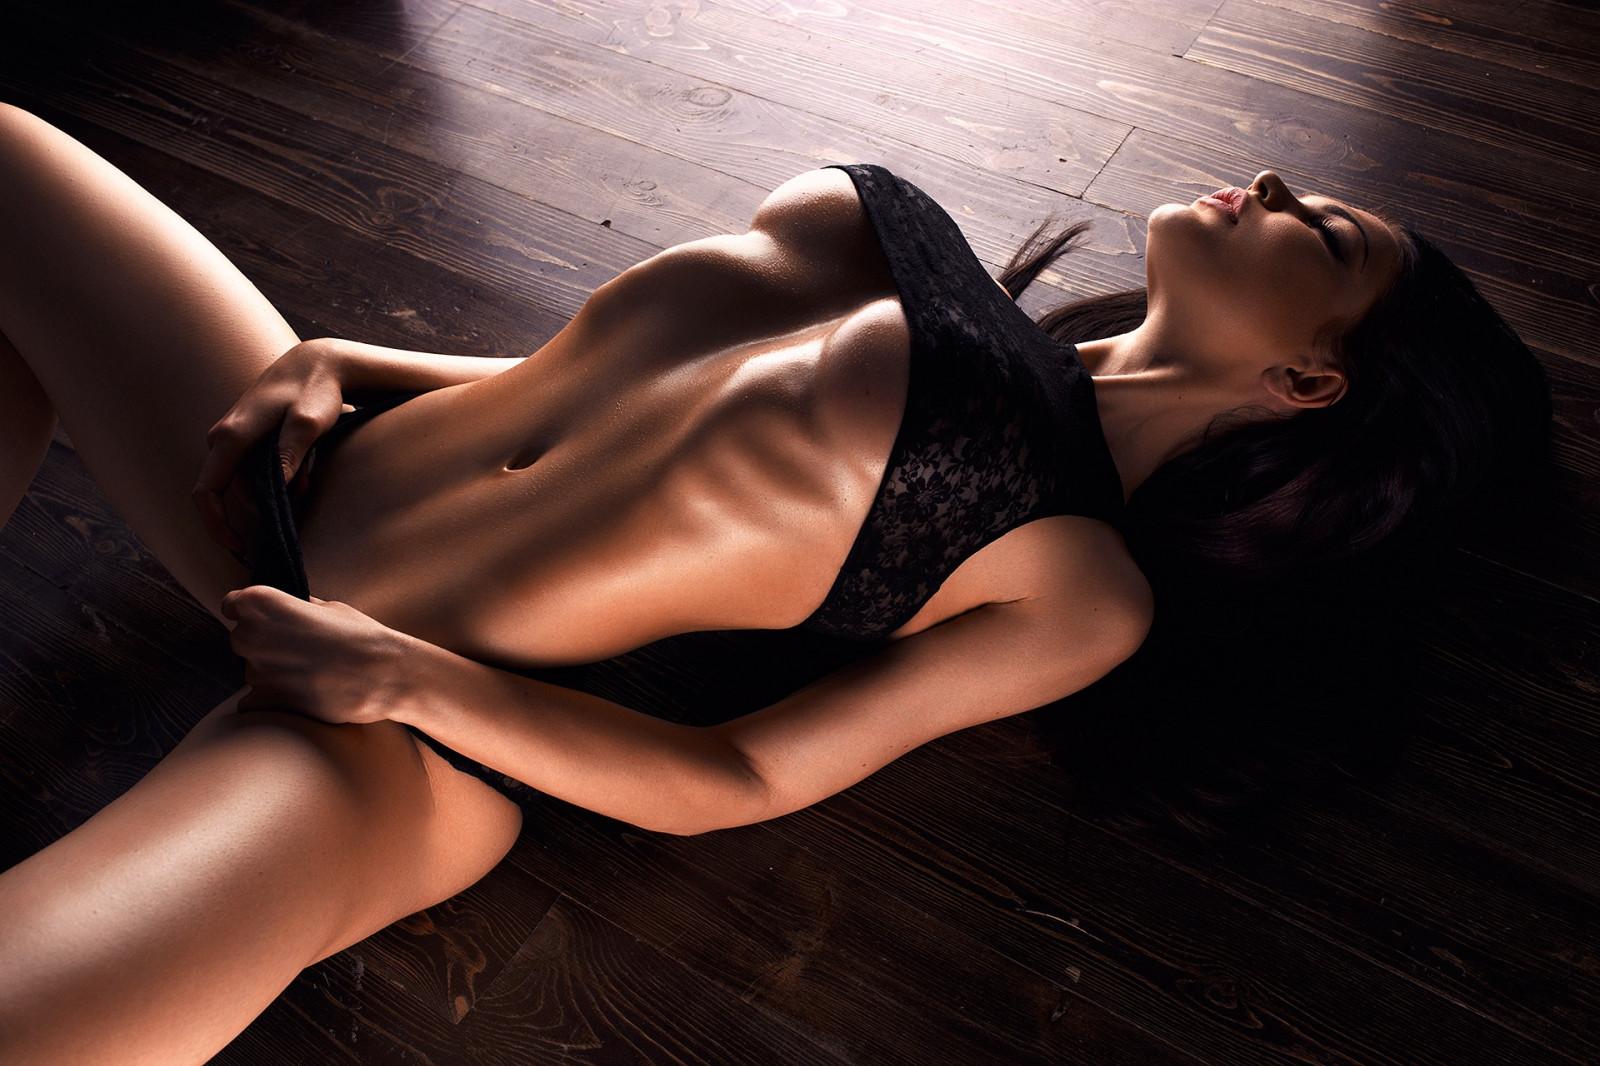 Фото голое женское тело, Голое тело - красивое женское тело нагишом - интим фото 10 фотография